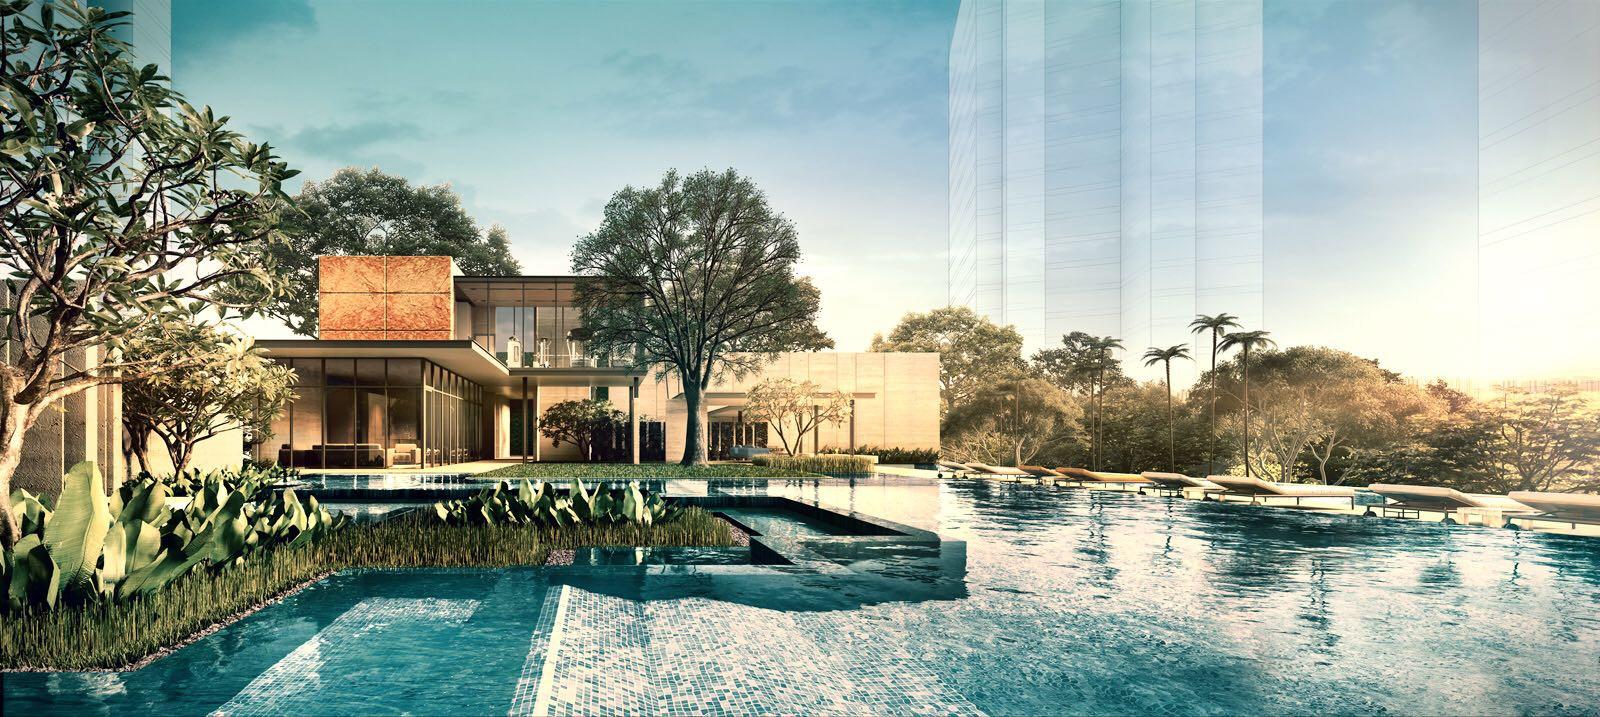 Facility & Pool